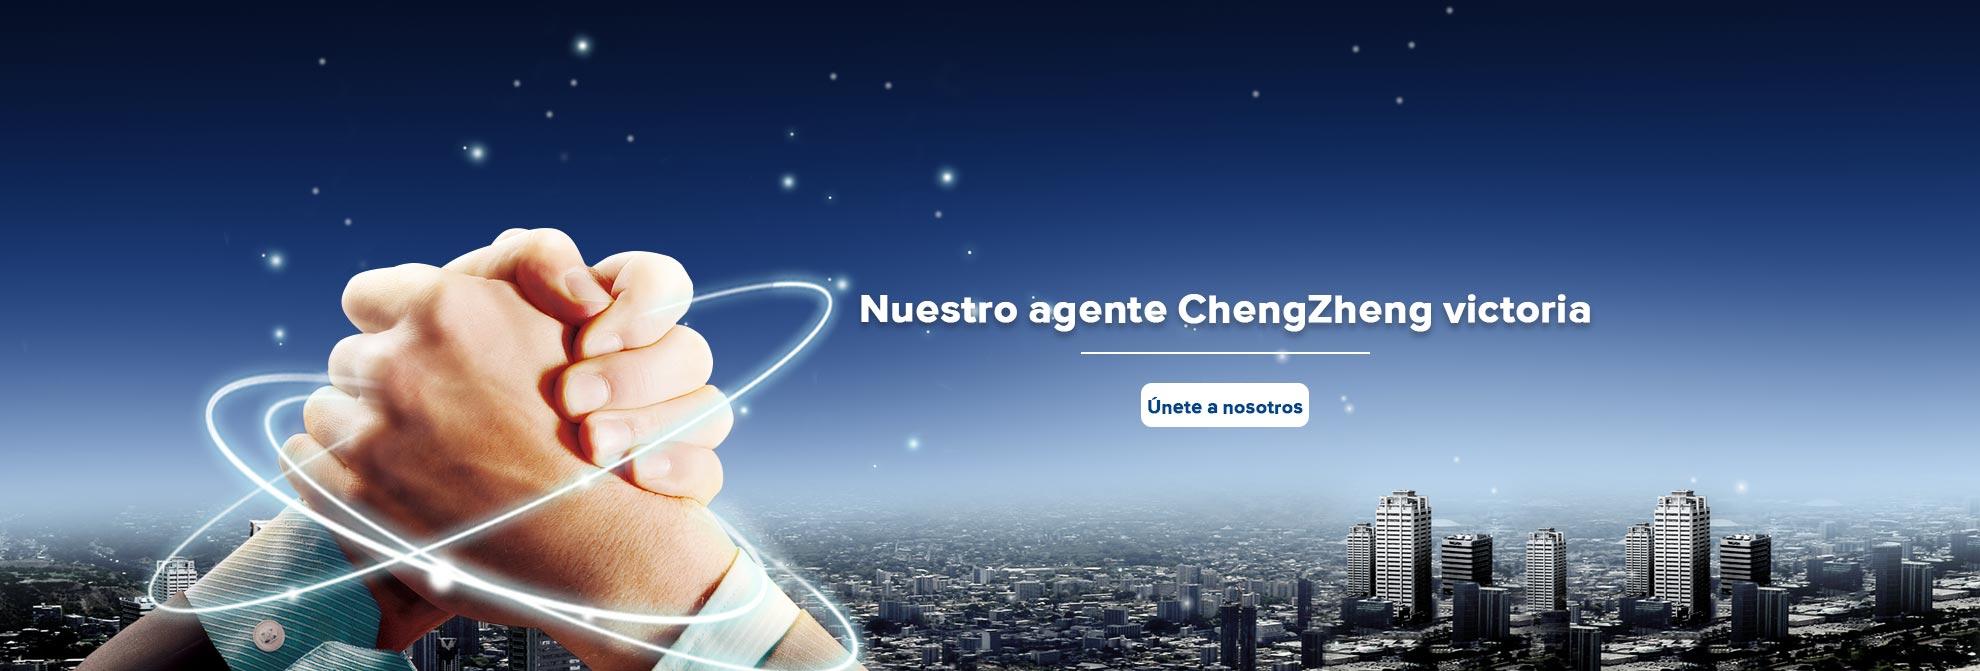 Zhejiang Flexible Technology Co., Ltd.